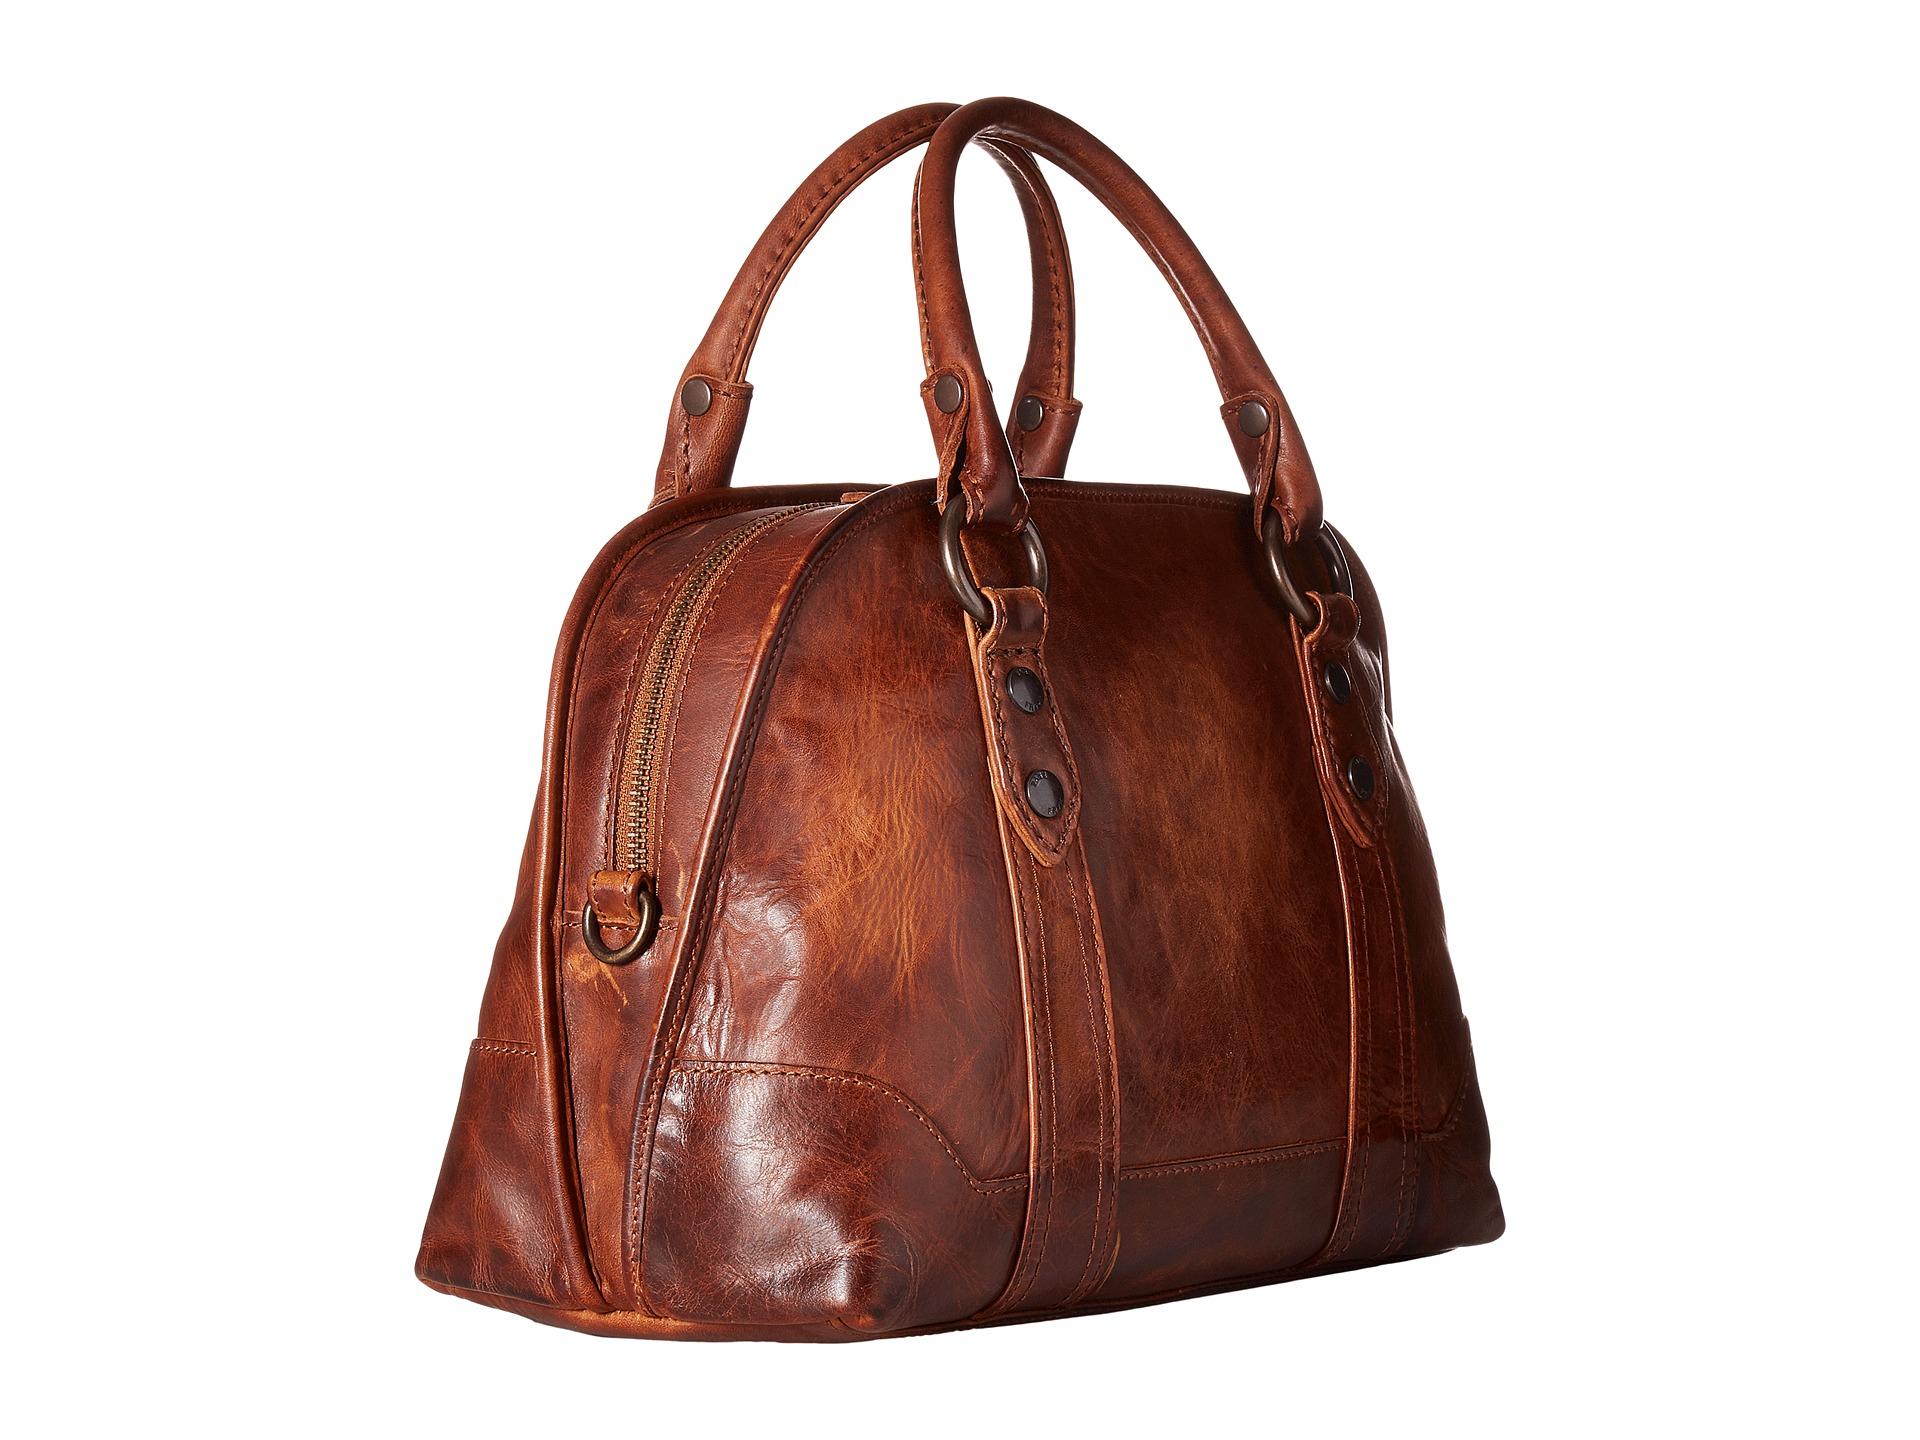 Frye Satchel Handbags On Sale Sema Data Co Op